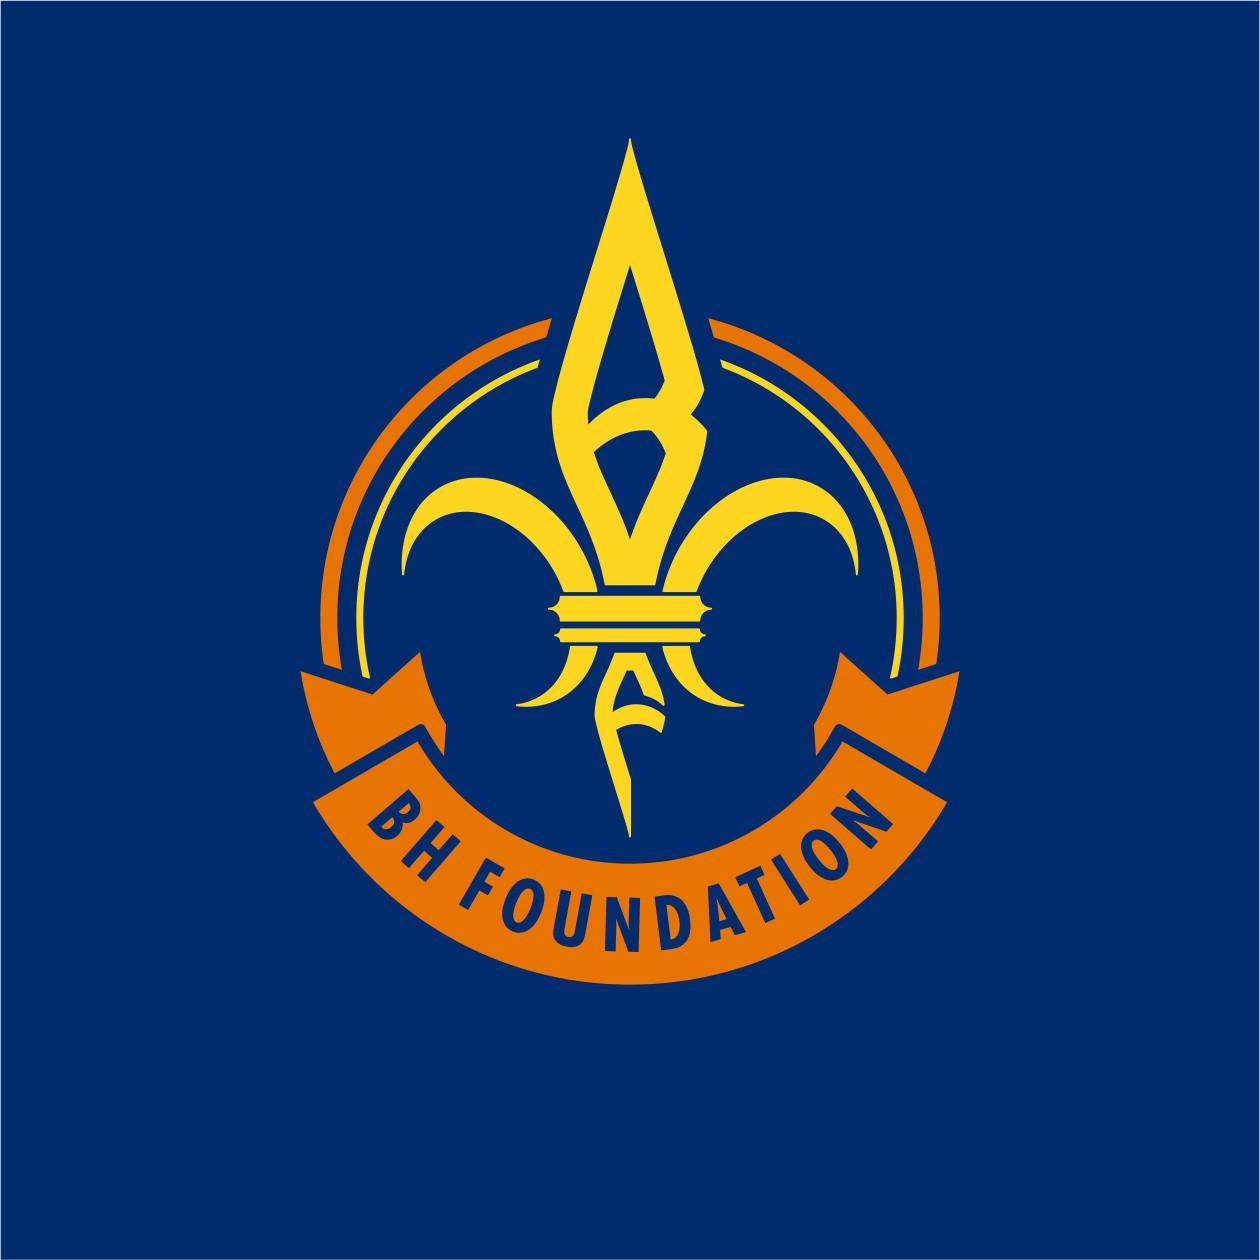 BH Foundation (A Non-Profit Company)